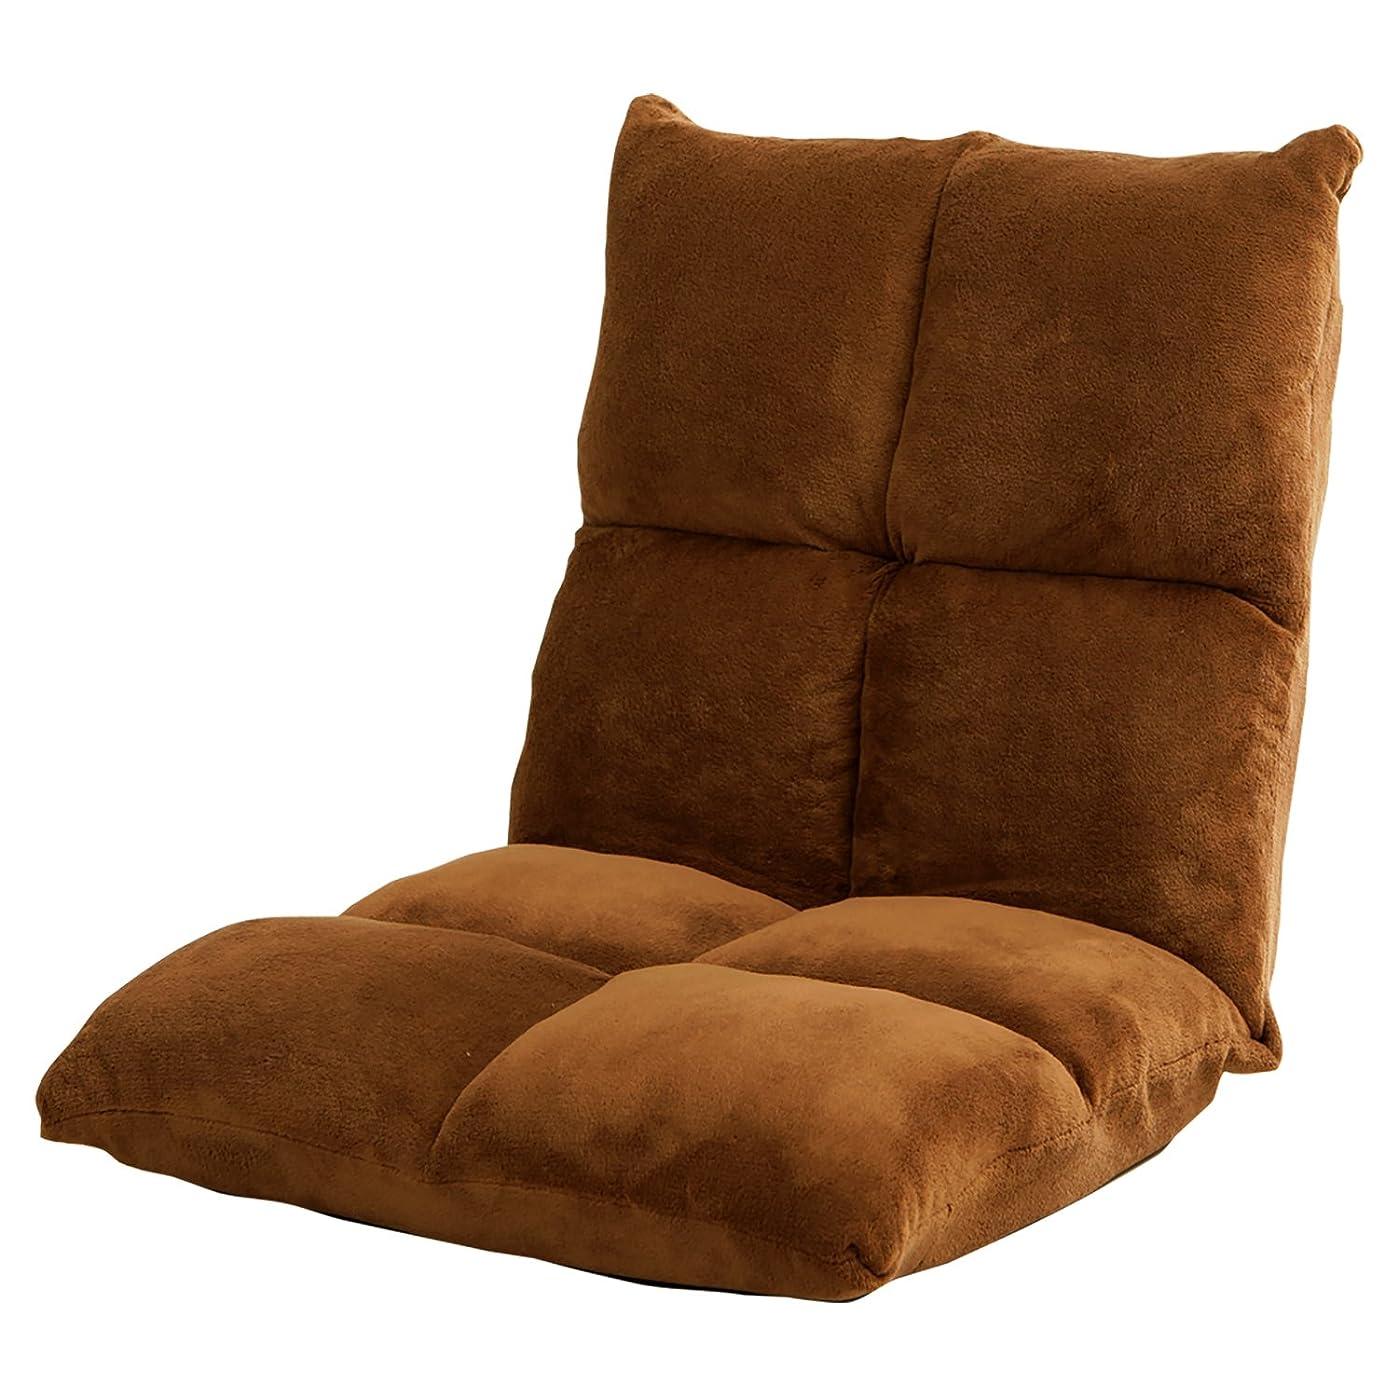 出費むき出しマサッチョLOWYA (ロウヤ) もっちり低反発座椅子 42段階リクライニング スピードロック 撥水加工 肉厚ボリューム マイクロファイバー ブラウン おしゃれ 新生活